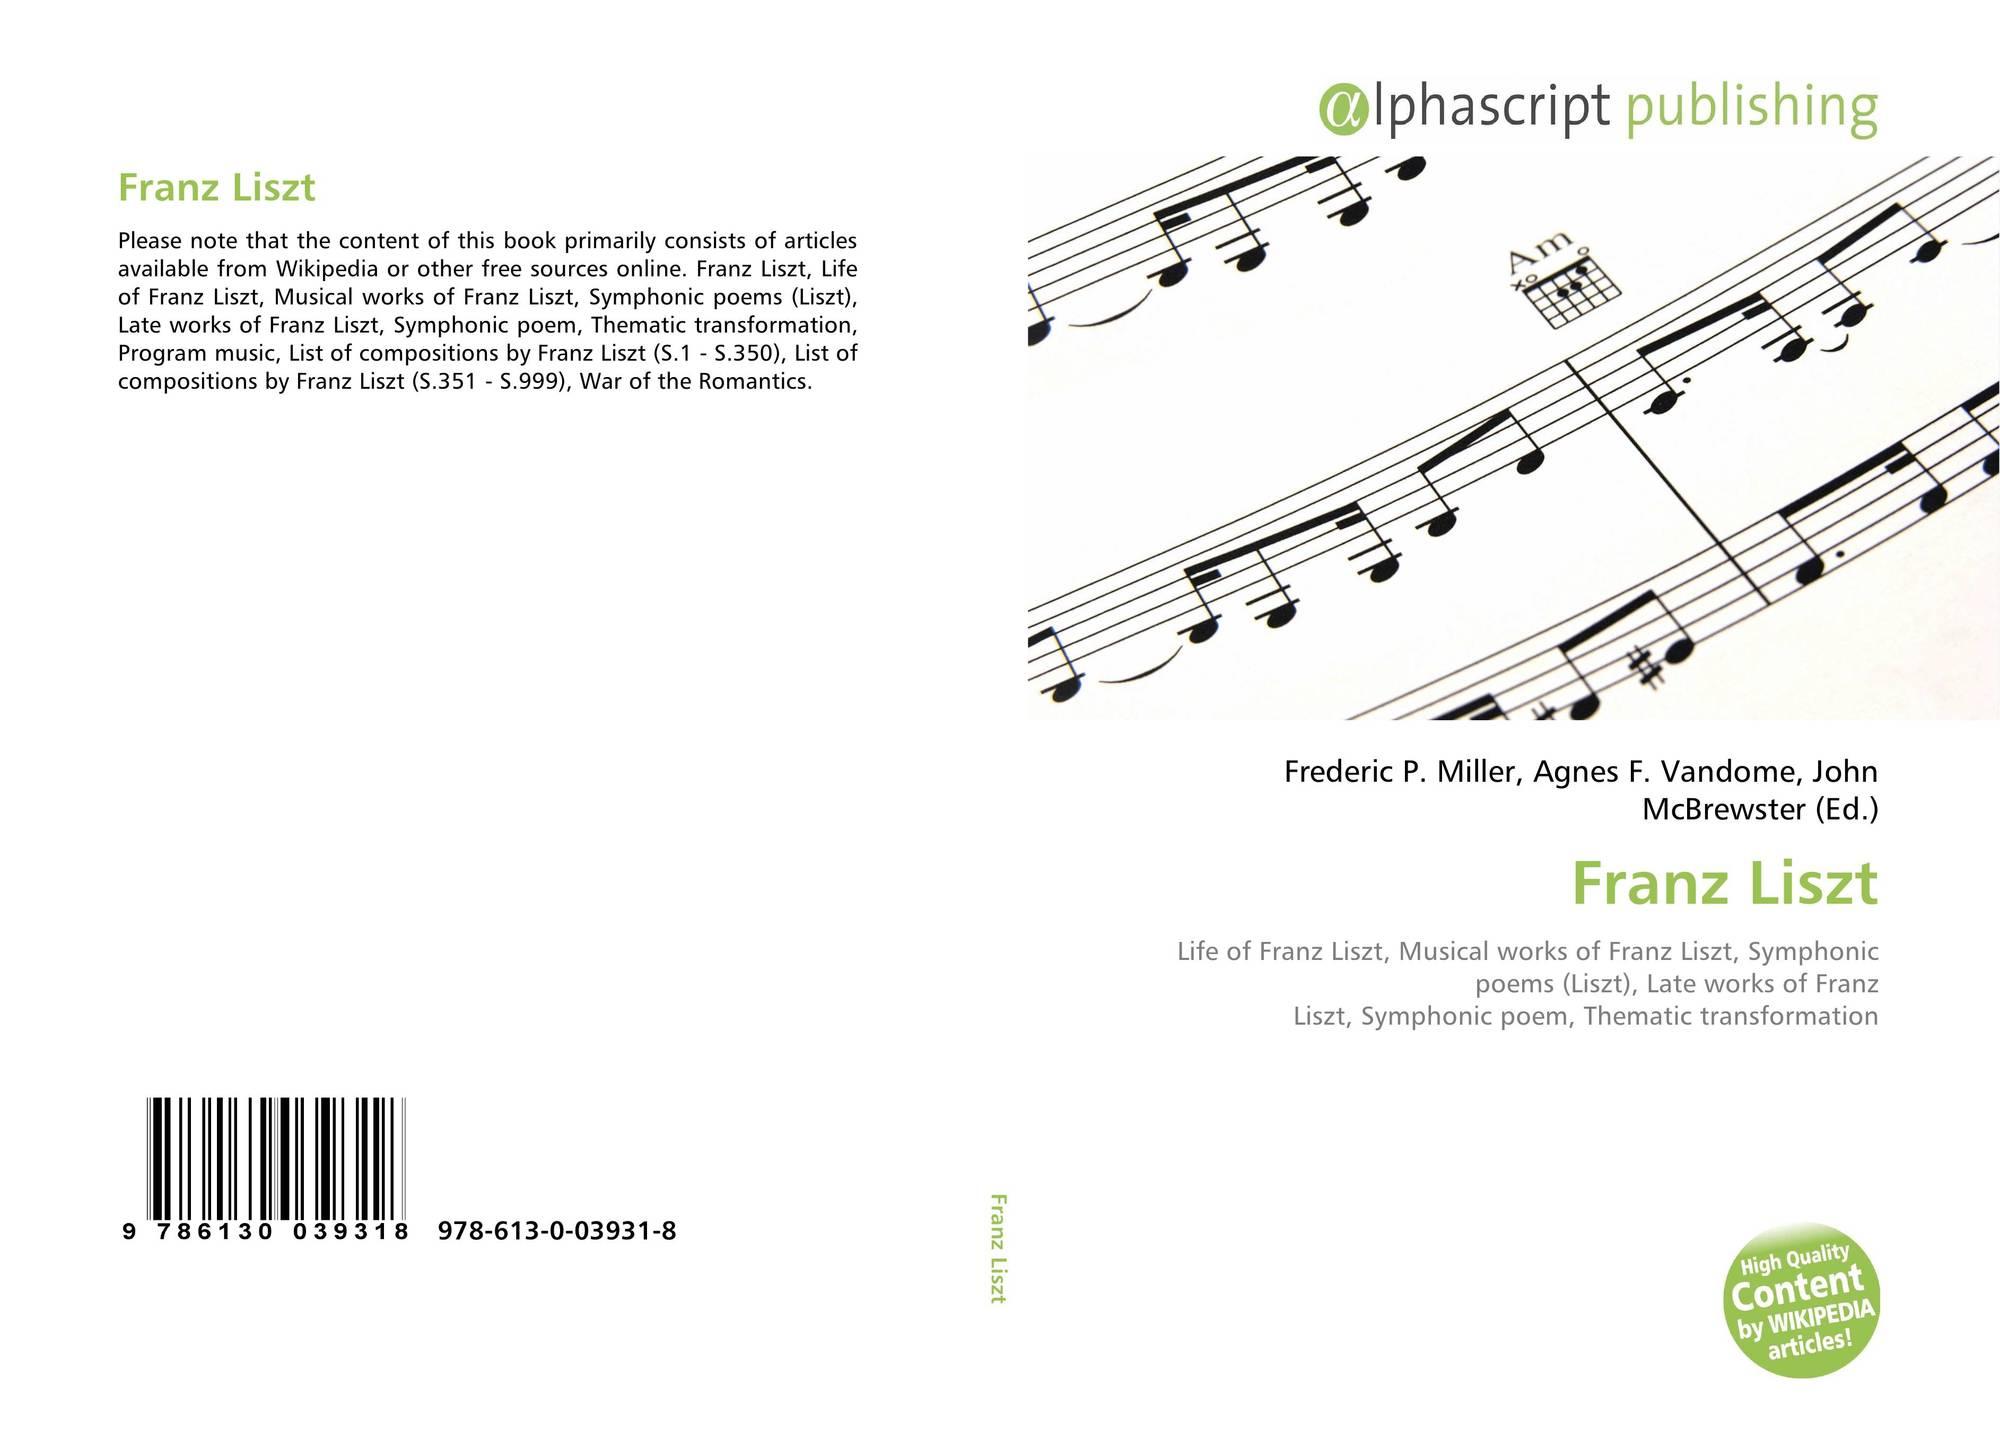 Franz Liszt 978 613 0 03931 8 613003931x 9786130039318